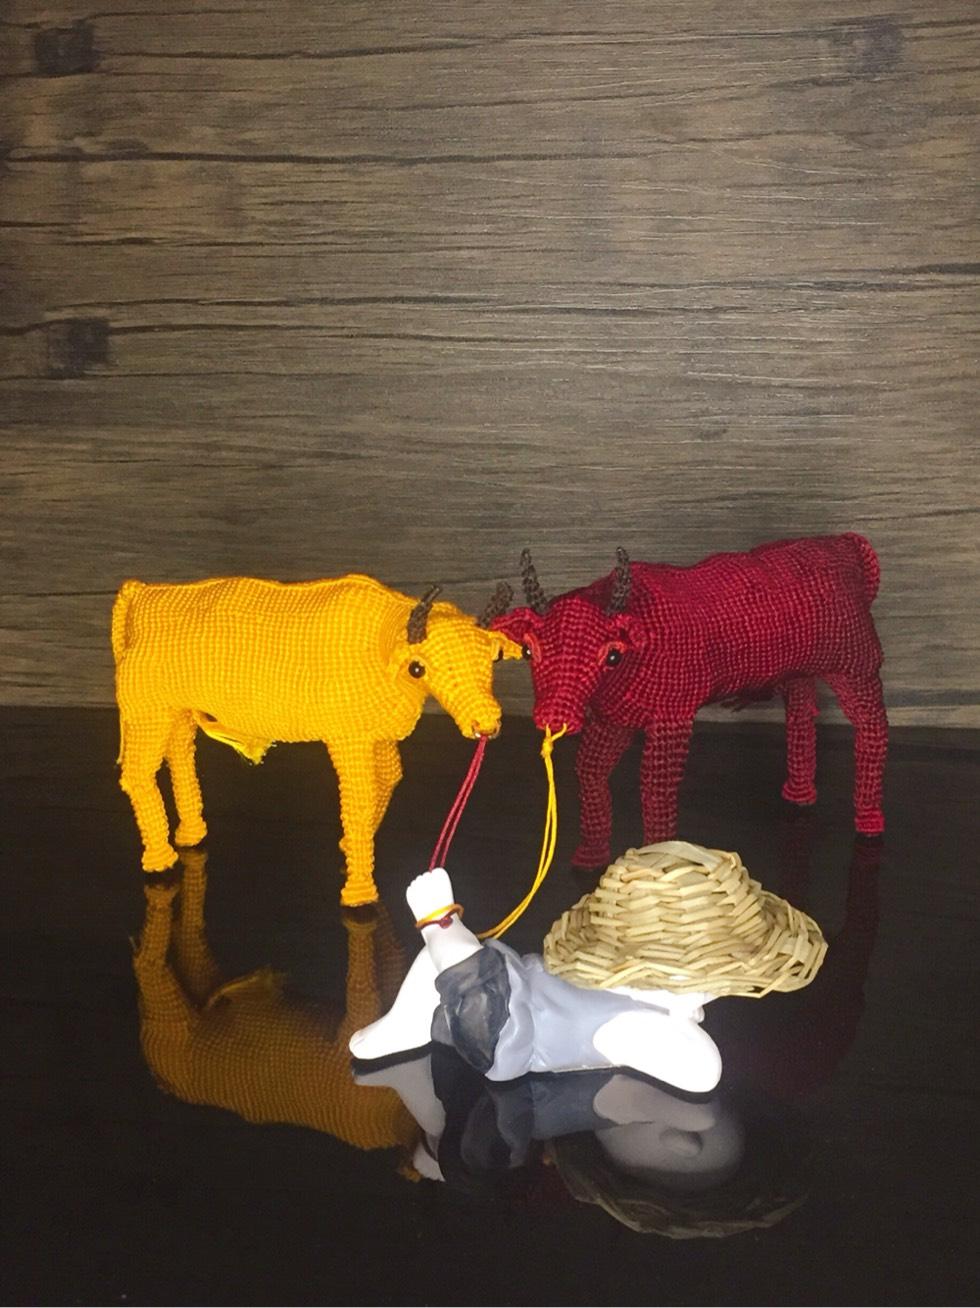 中国结论坛 二月二  牛抬头 宝宝不会抬头,抬头显示,牛用力抬头是什么病,牛不抬头,牛的头部 作品展示 184745dzuzuai0kcoo7k85